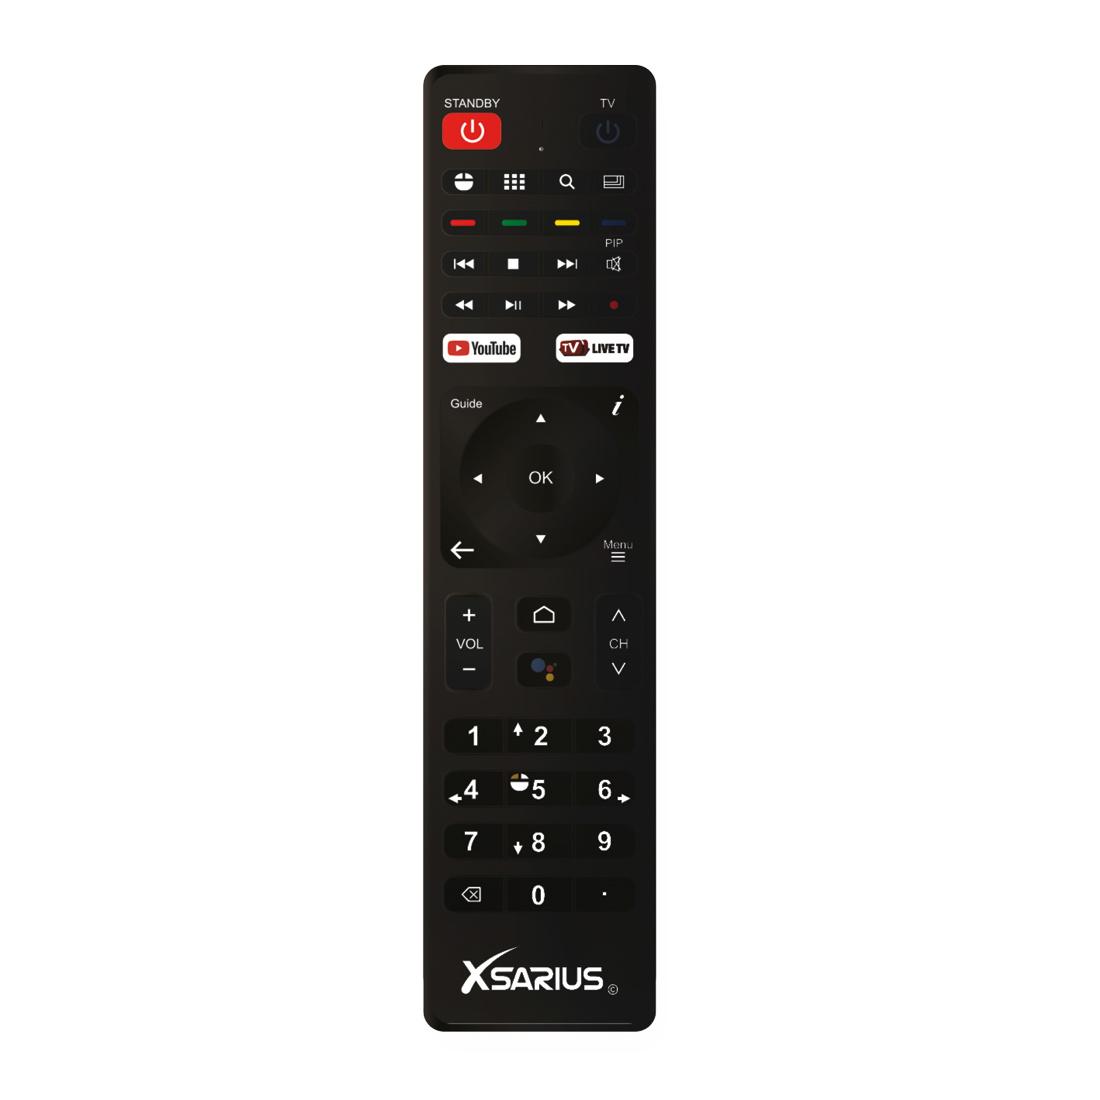 Xsarius Q8 Voice afstandsbediening